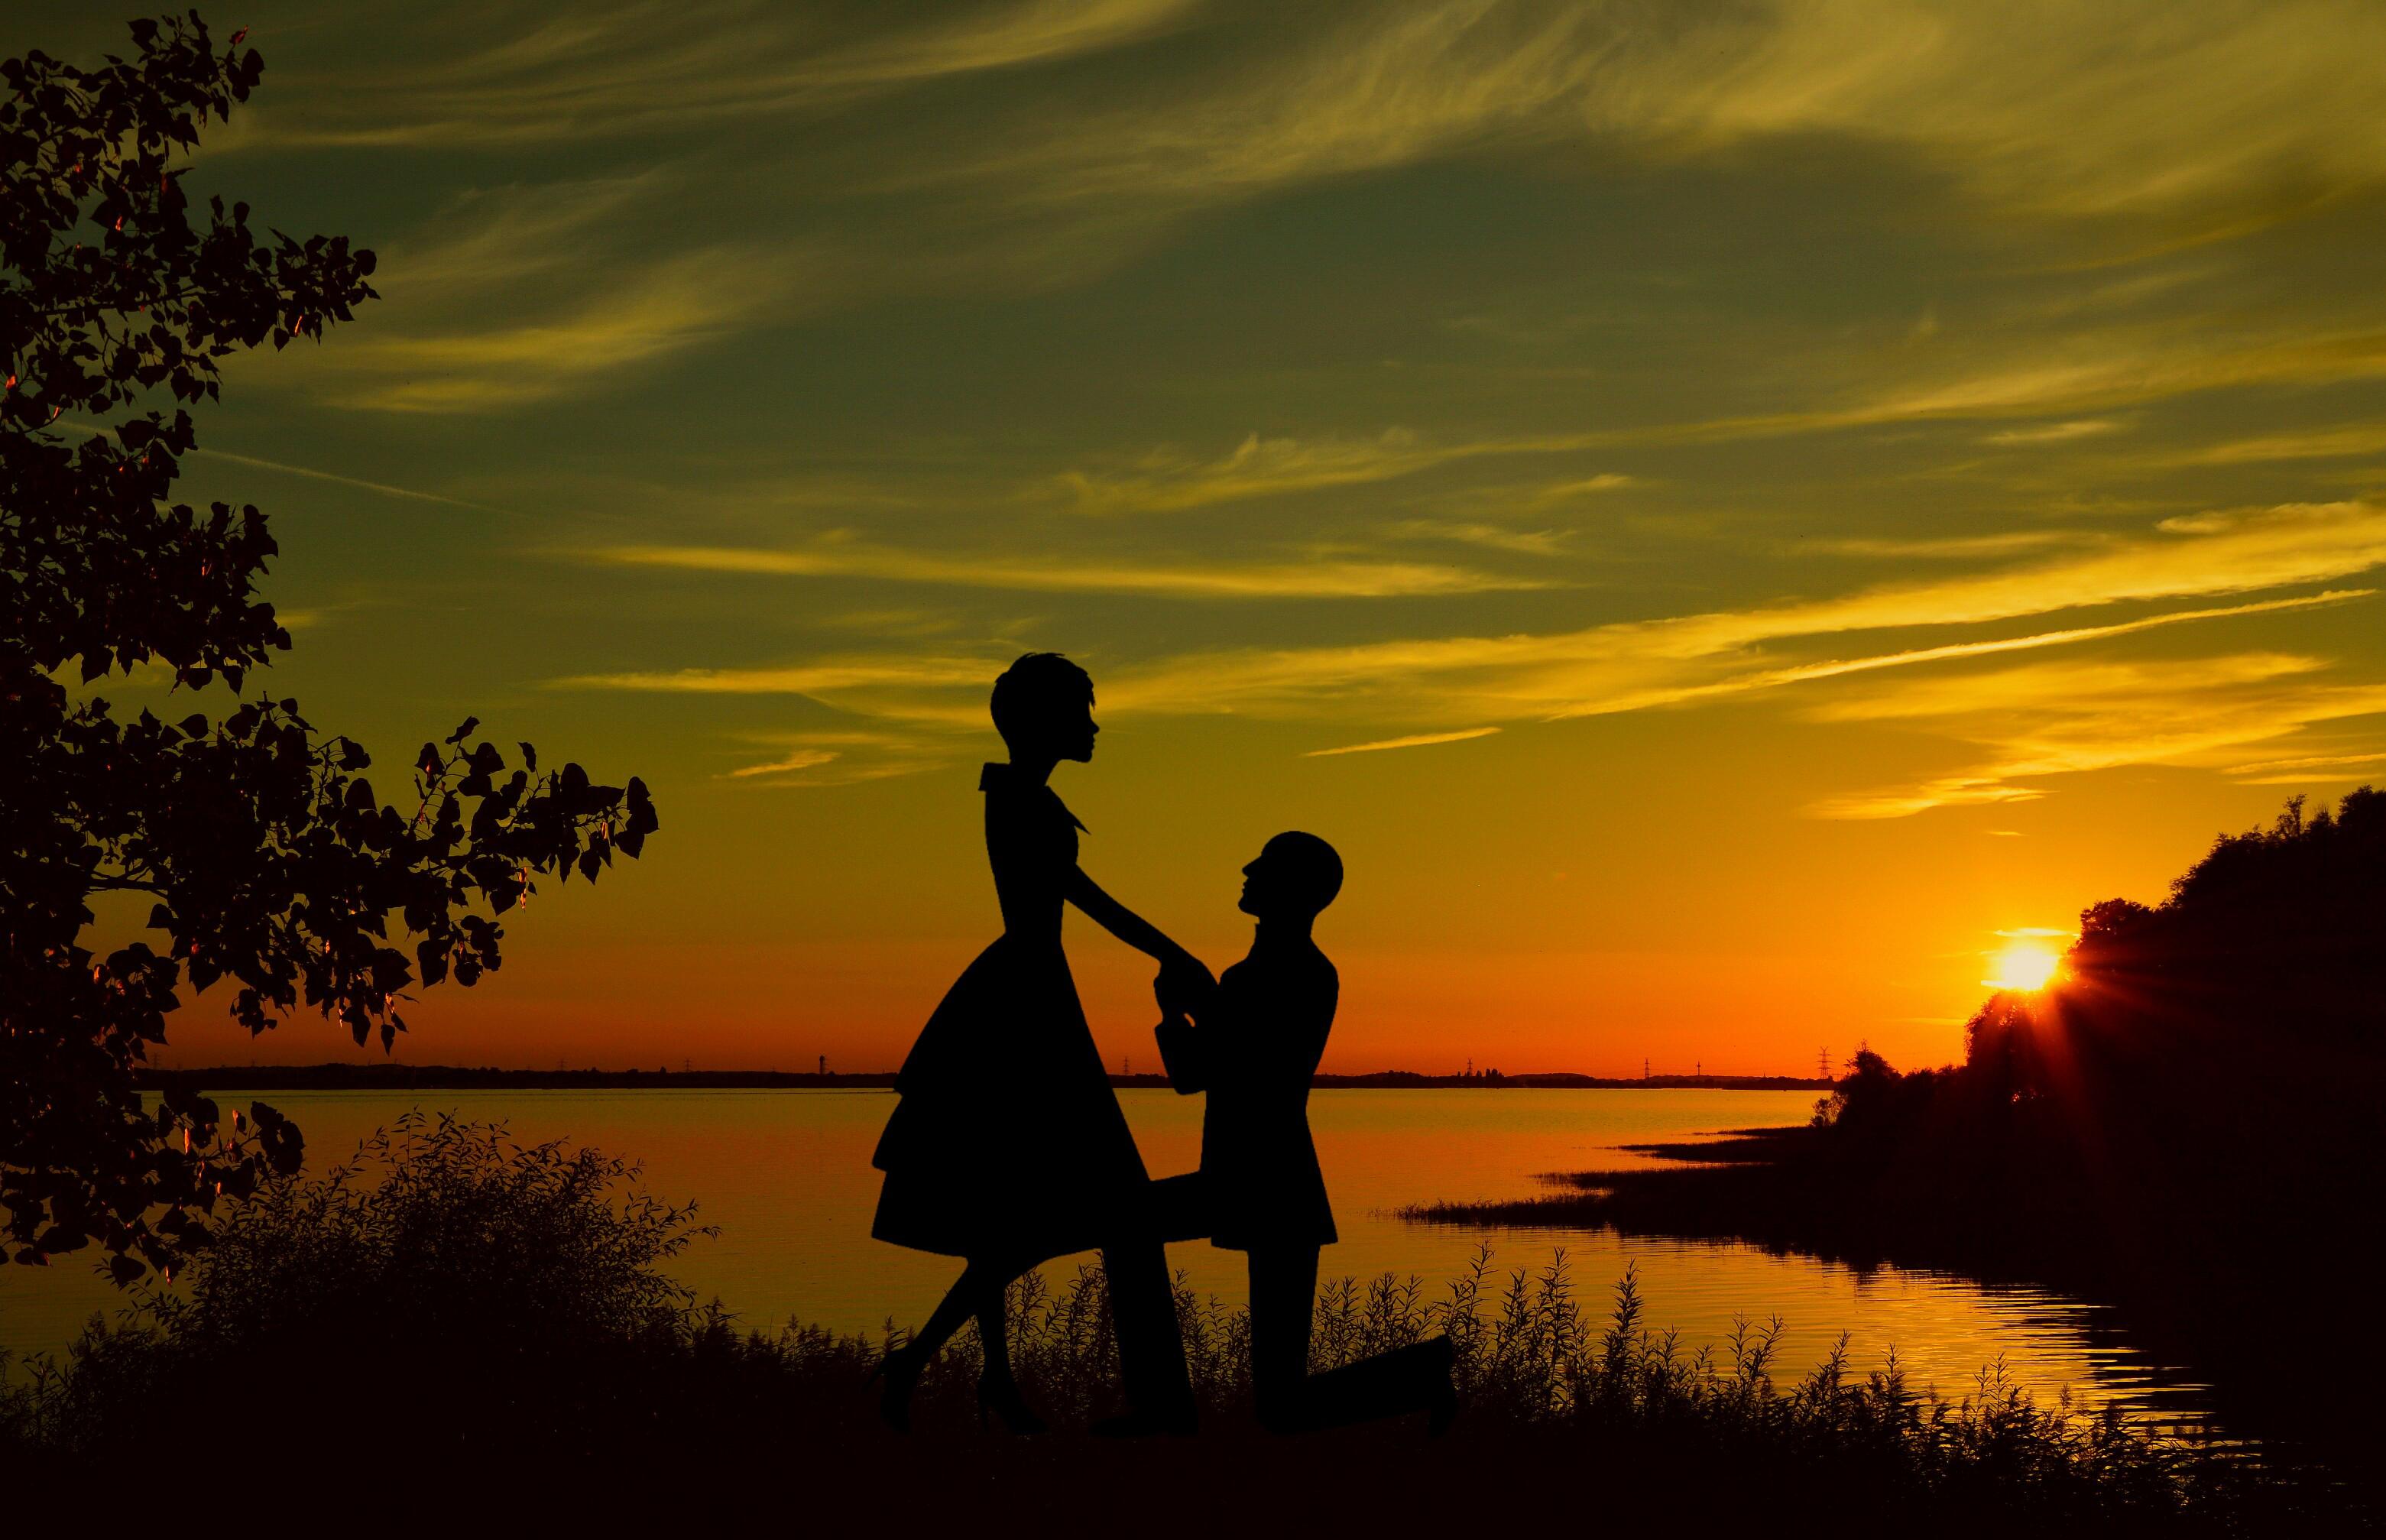 95 Romantic Love Proposal Wallpaper Gratis Terbaik